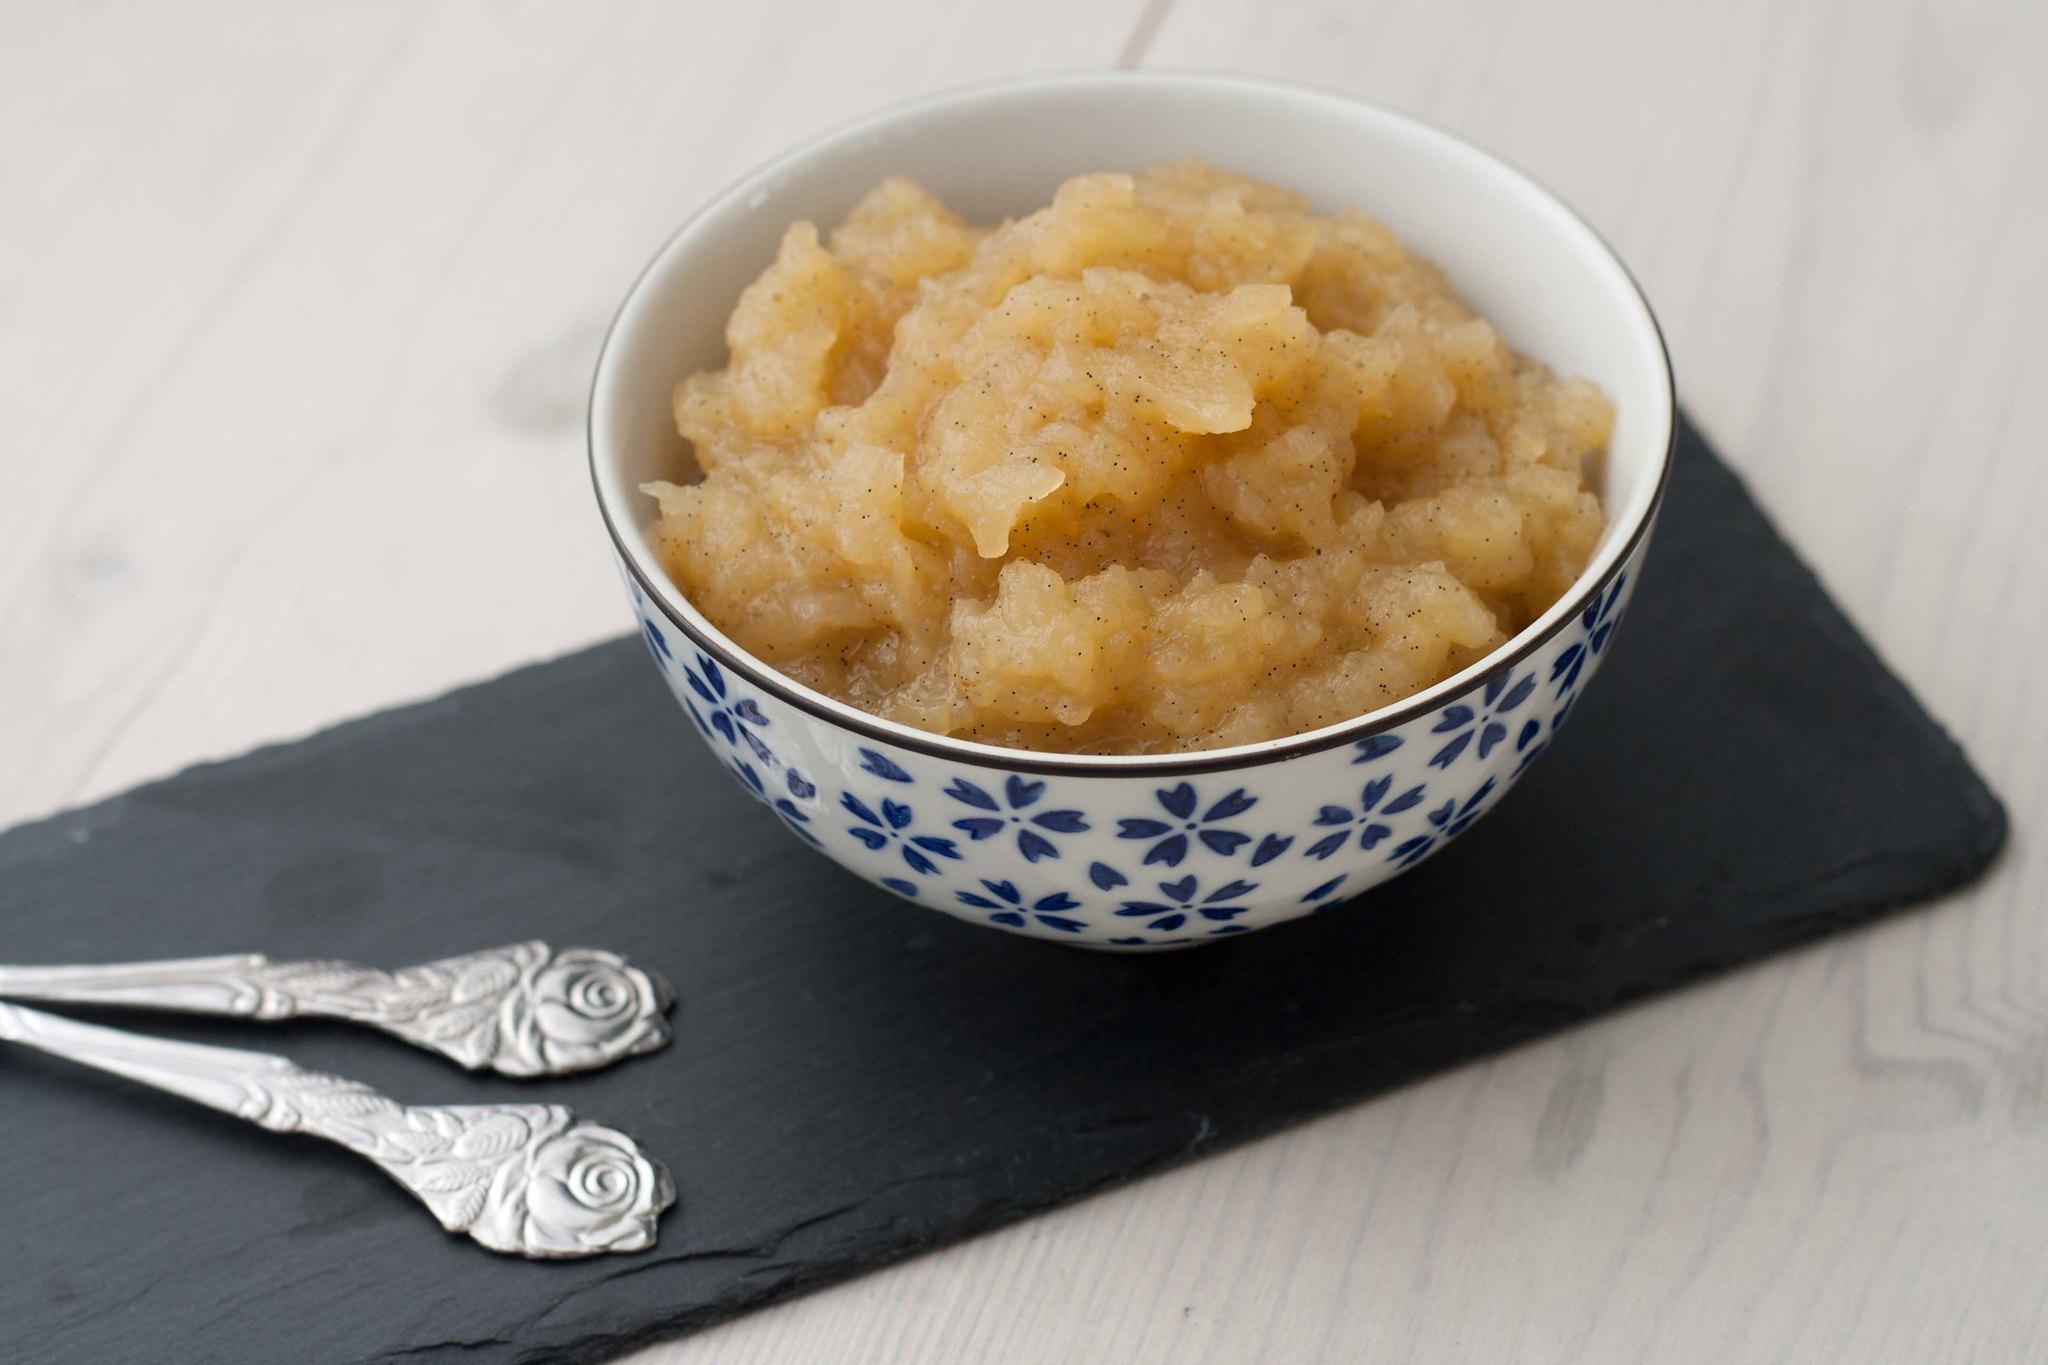 æblegrød Med Vanilje Super Nem Og Lækker Opskrift